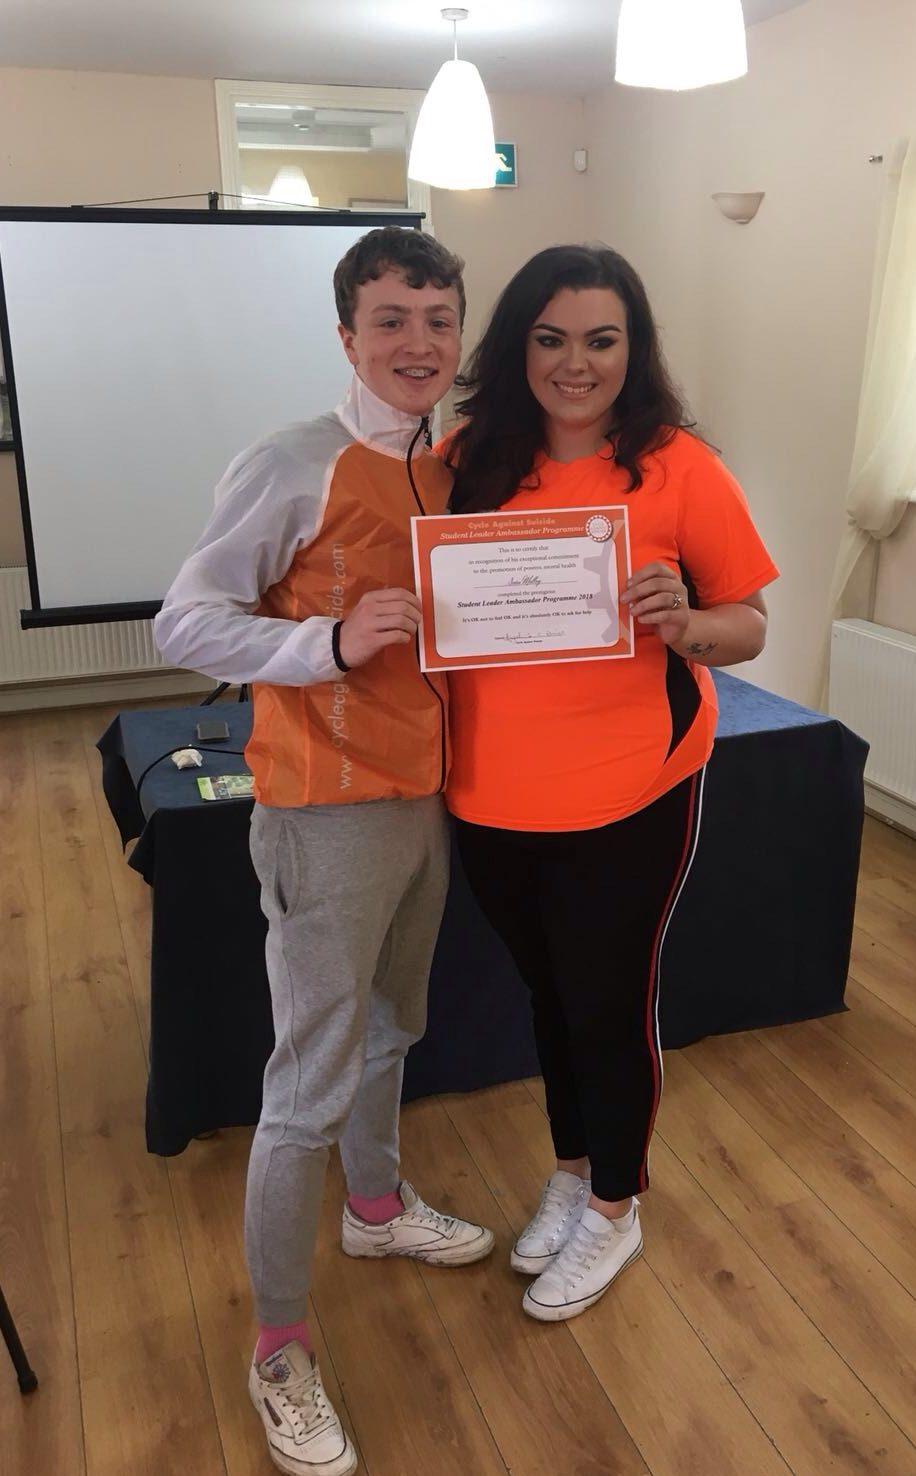 Seán Molloy named as CAS Student Leader